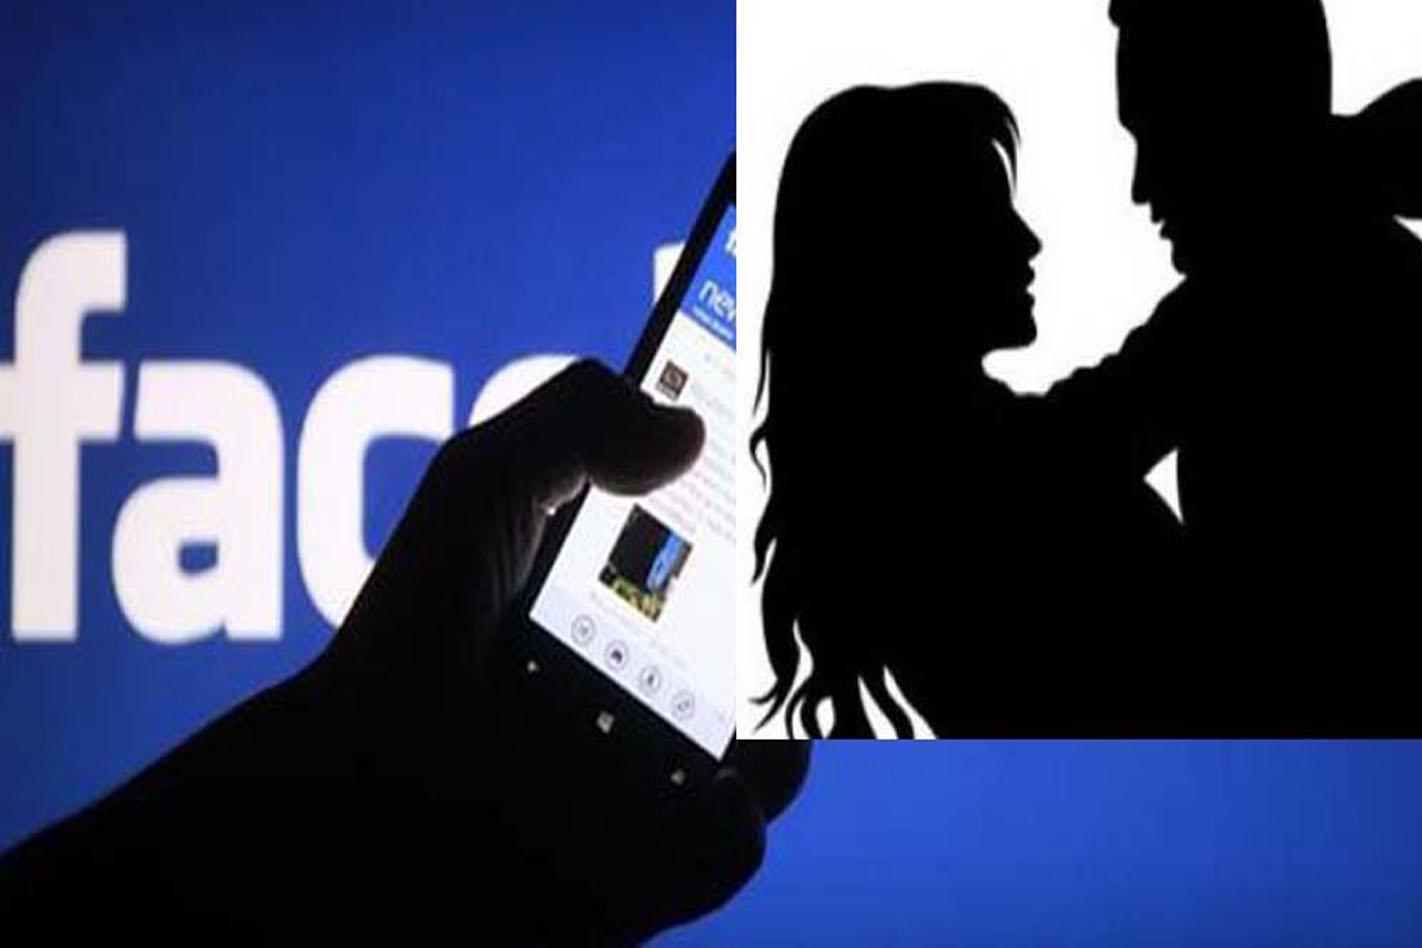 Pelaku Video Mesum dan Pemerasan Via Facebook, Akhirnya Tertangkap Polisi